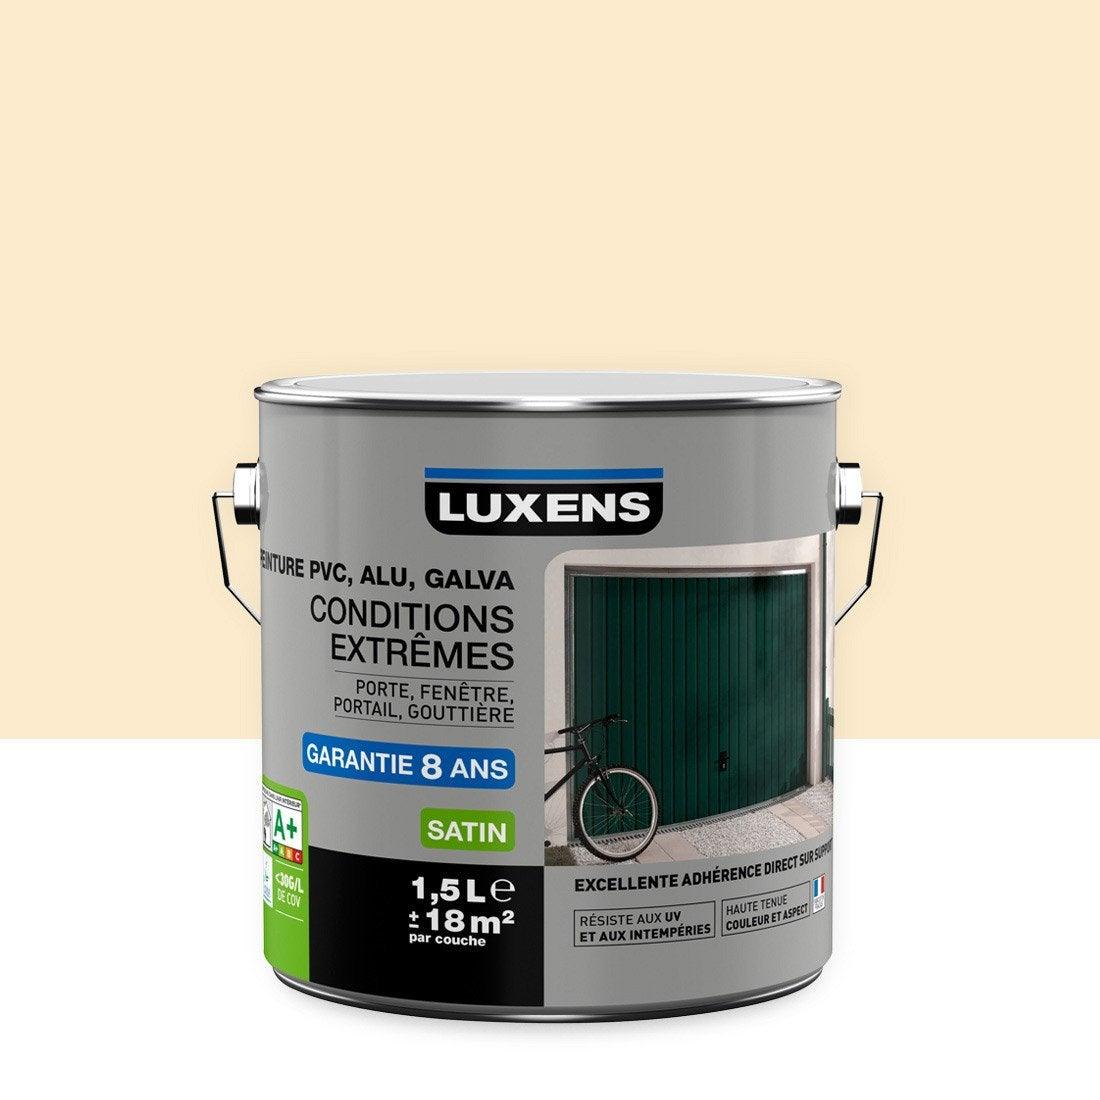 Peinture pvc alu galva ext rieur conditions extr mes for Peinture fenetre pvc